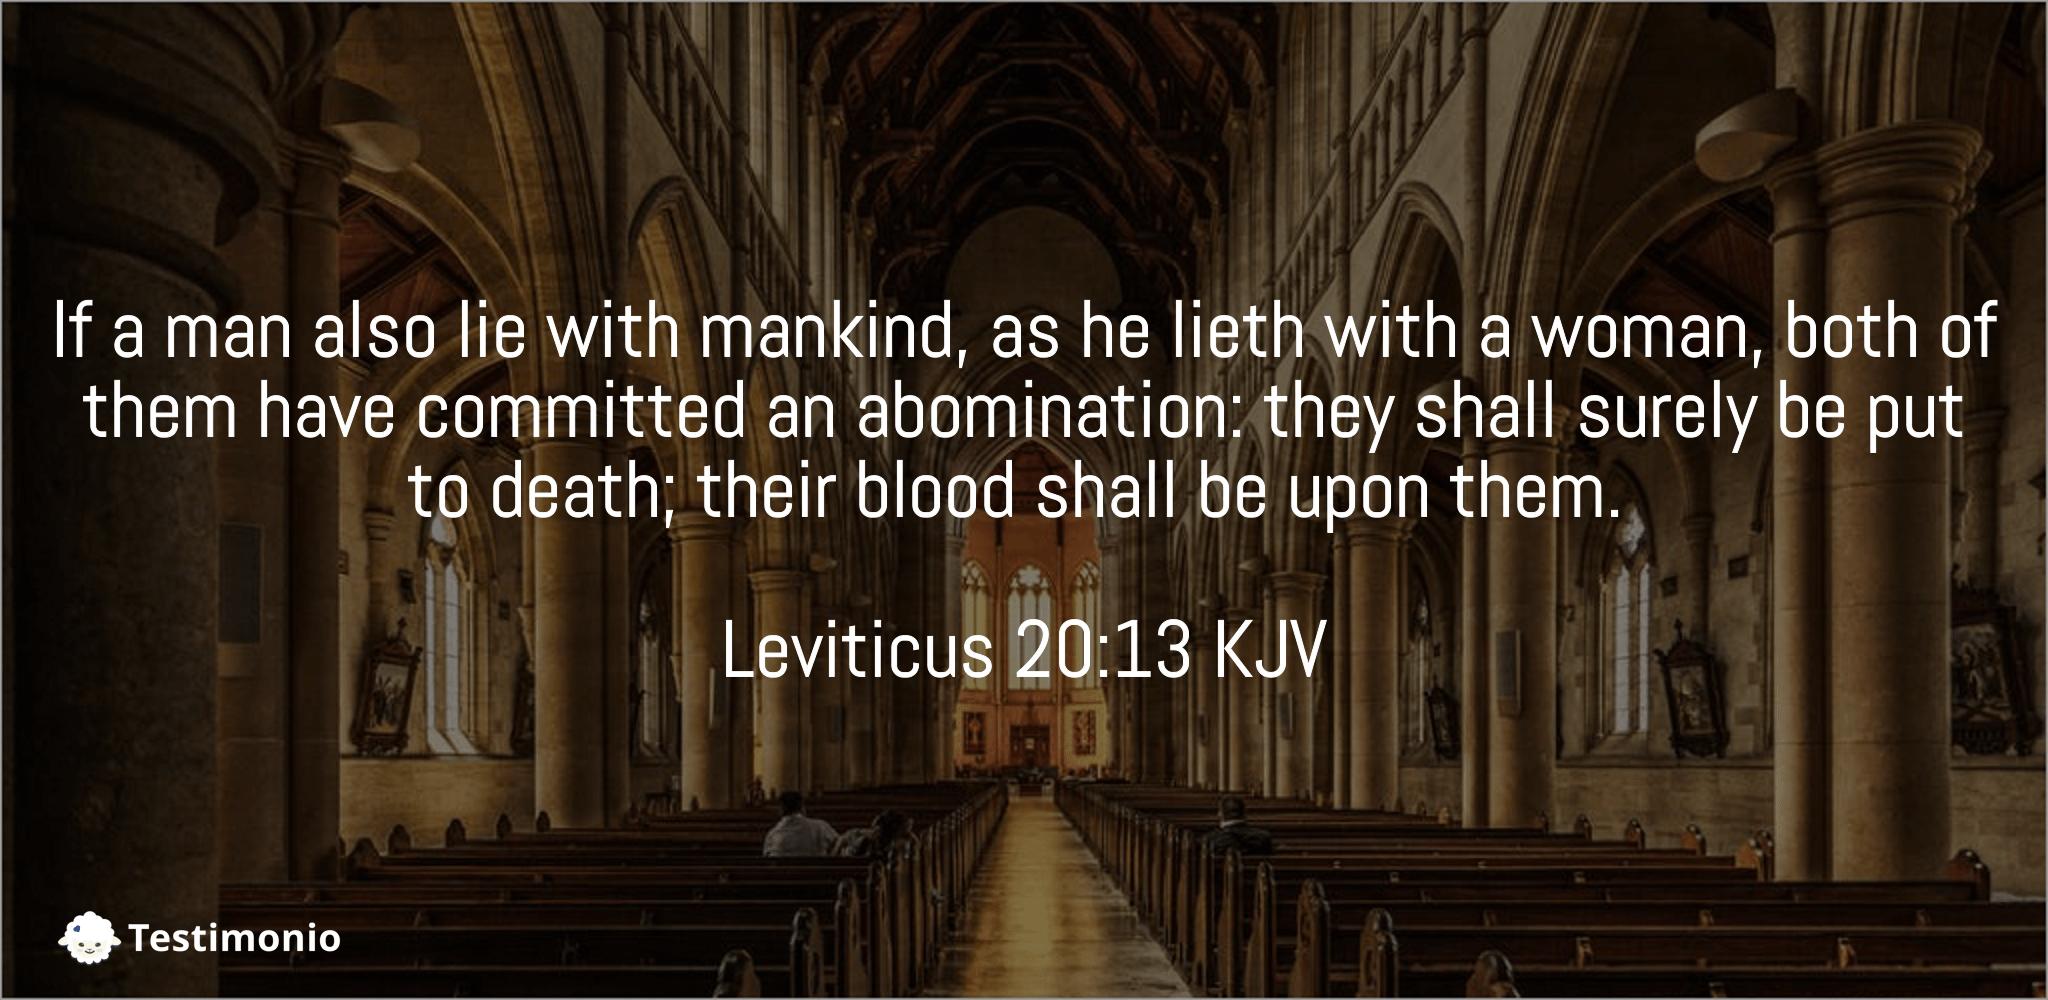 Leviticus 20:13